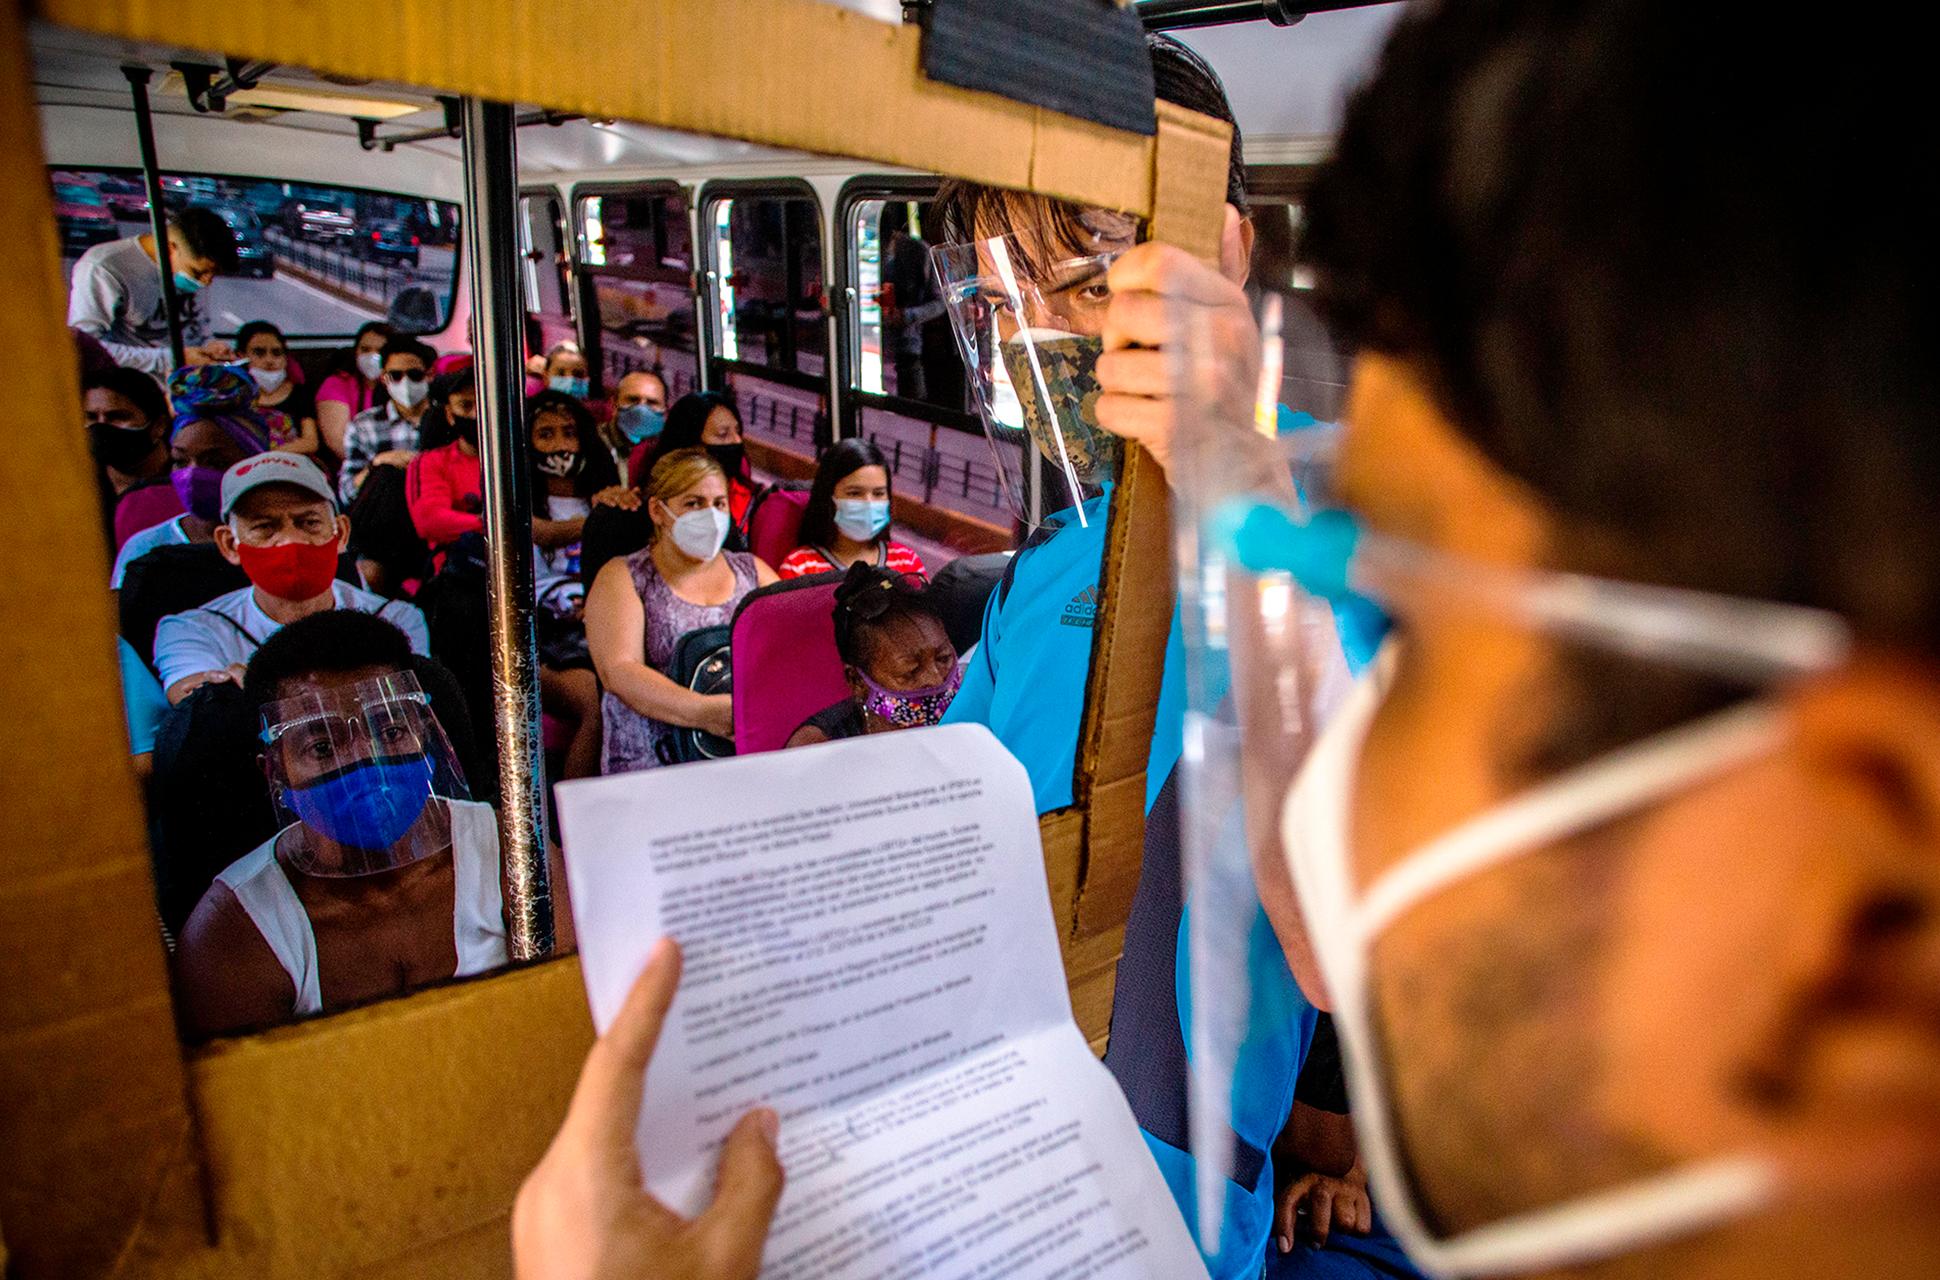 bus tv Seguiremos_informando_El_Bus_TV_el_periodismo_en_Venezuela_que_vence_la_censura_Liza_López_Reportajes_Gatopardo_216 6